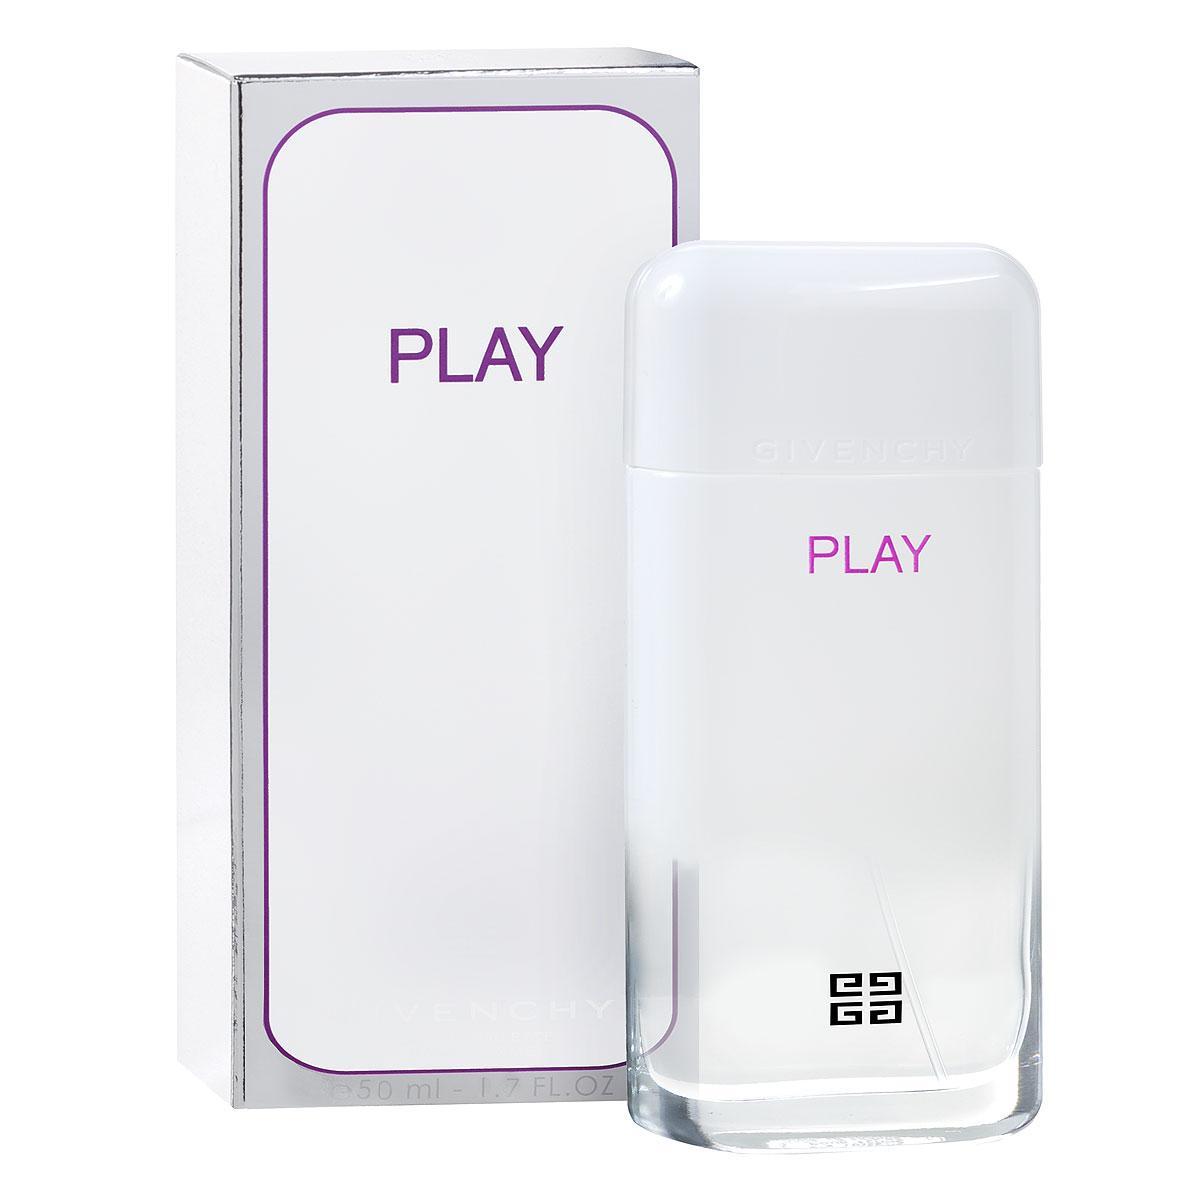 Givenchy Туалетная вода Play For Her Eau de Toilette, женская, 50 мл givenchy eau de toilette intense купить в спб